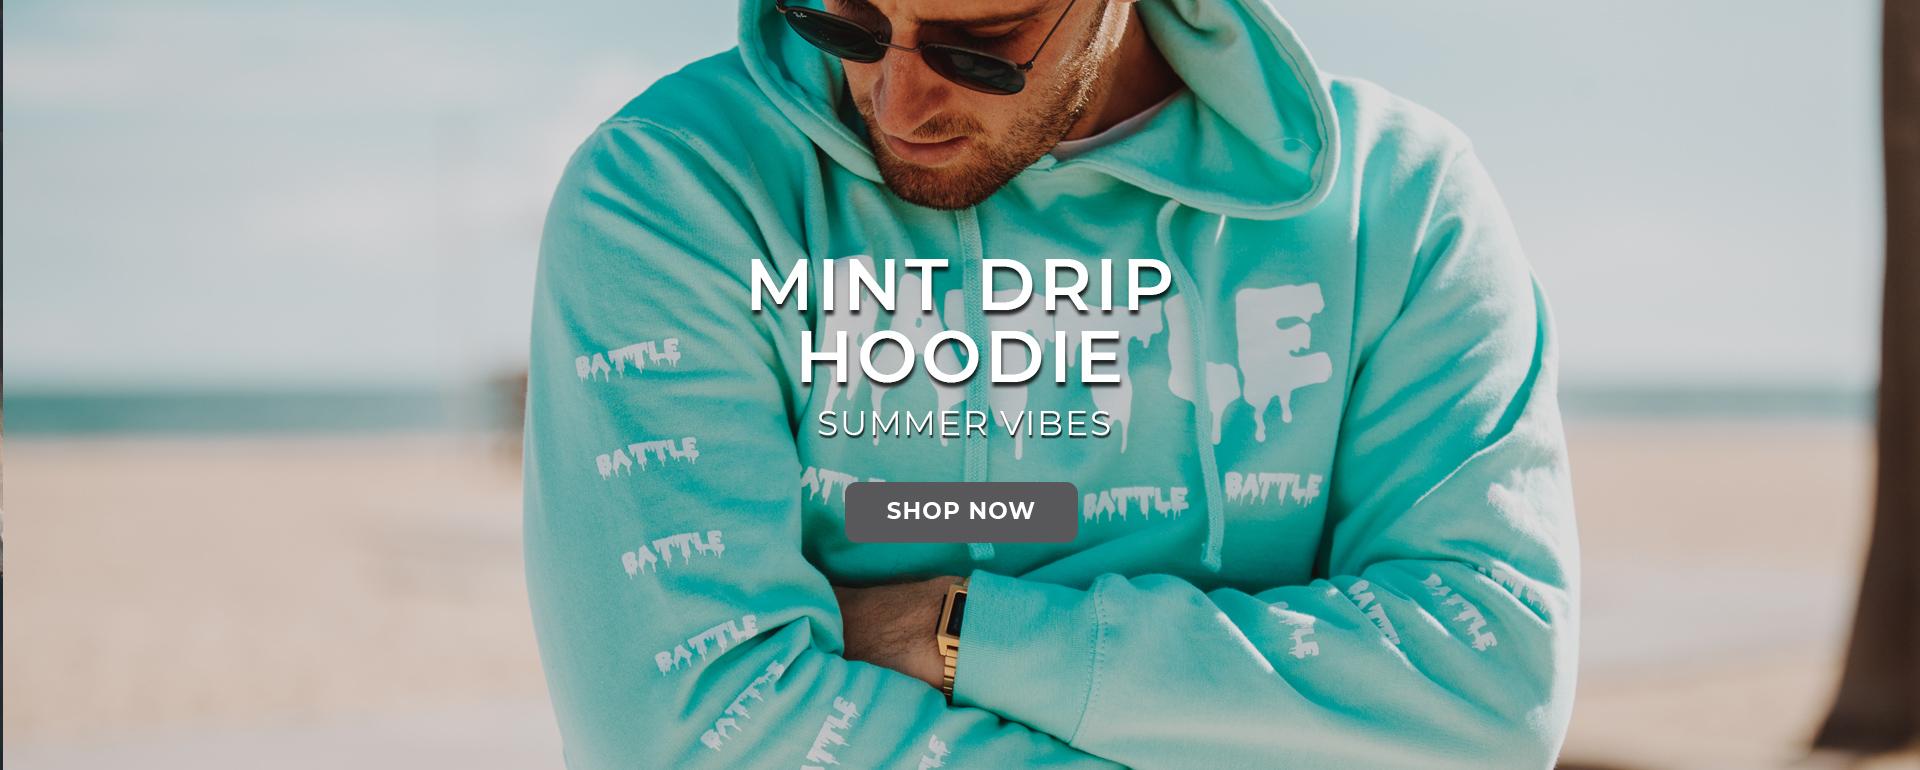 Mint Drip Hoodie